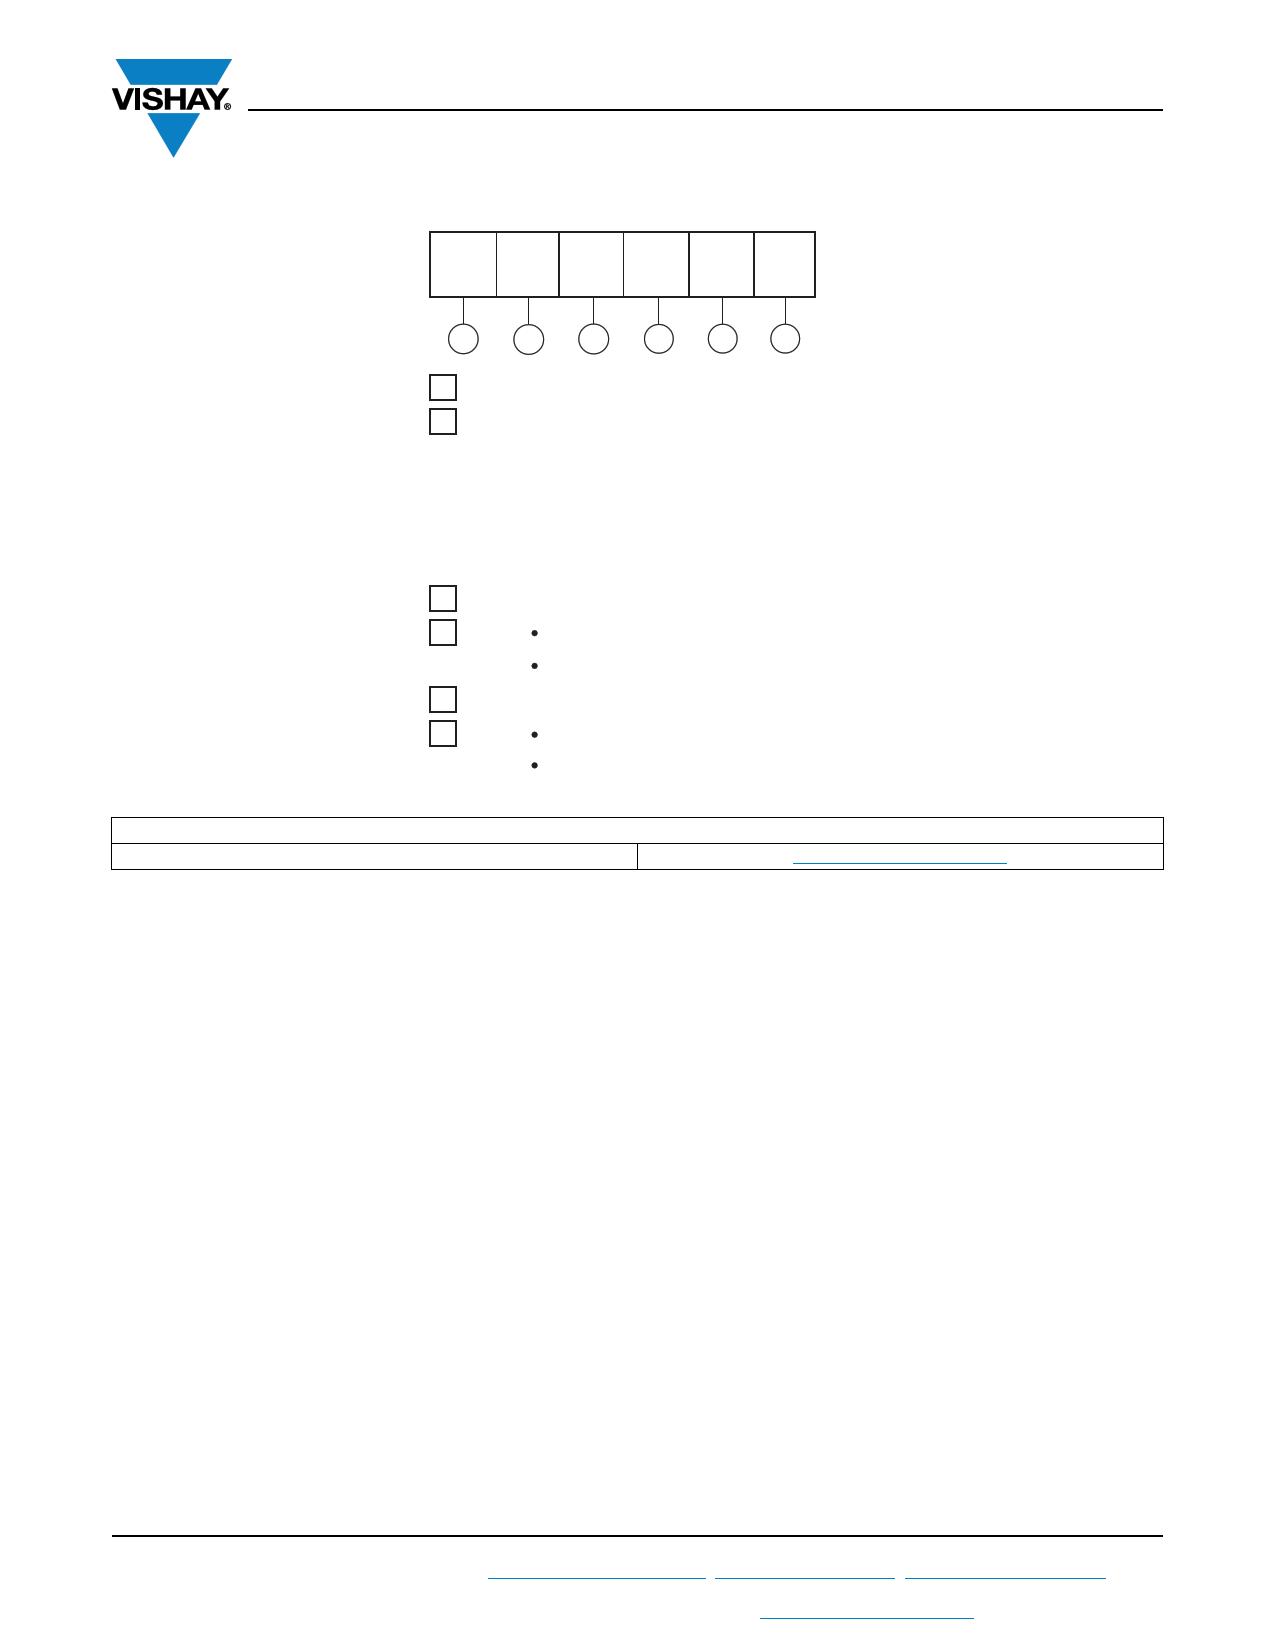 VS-72HFR160 電子部品, 半導体